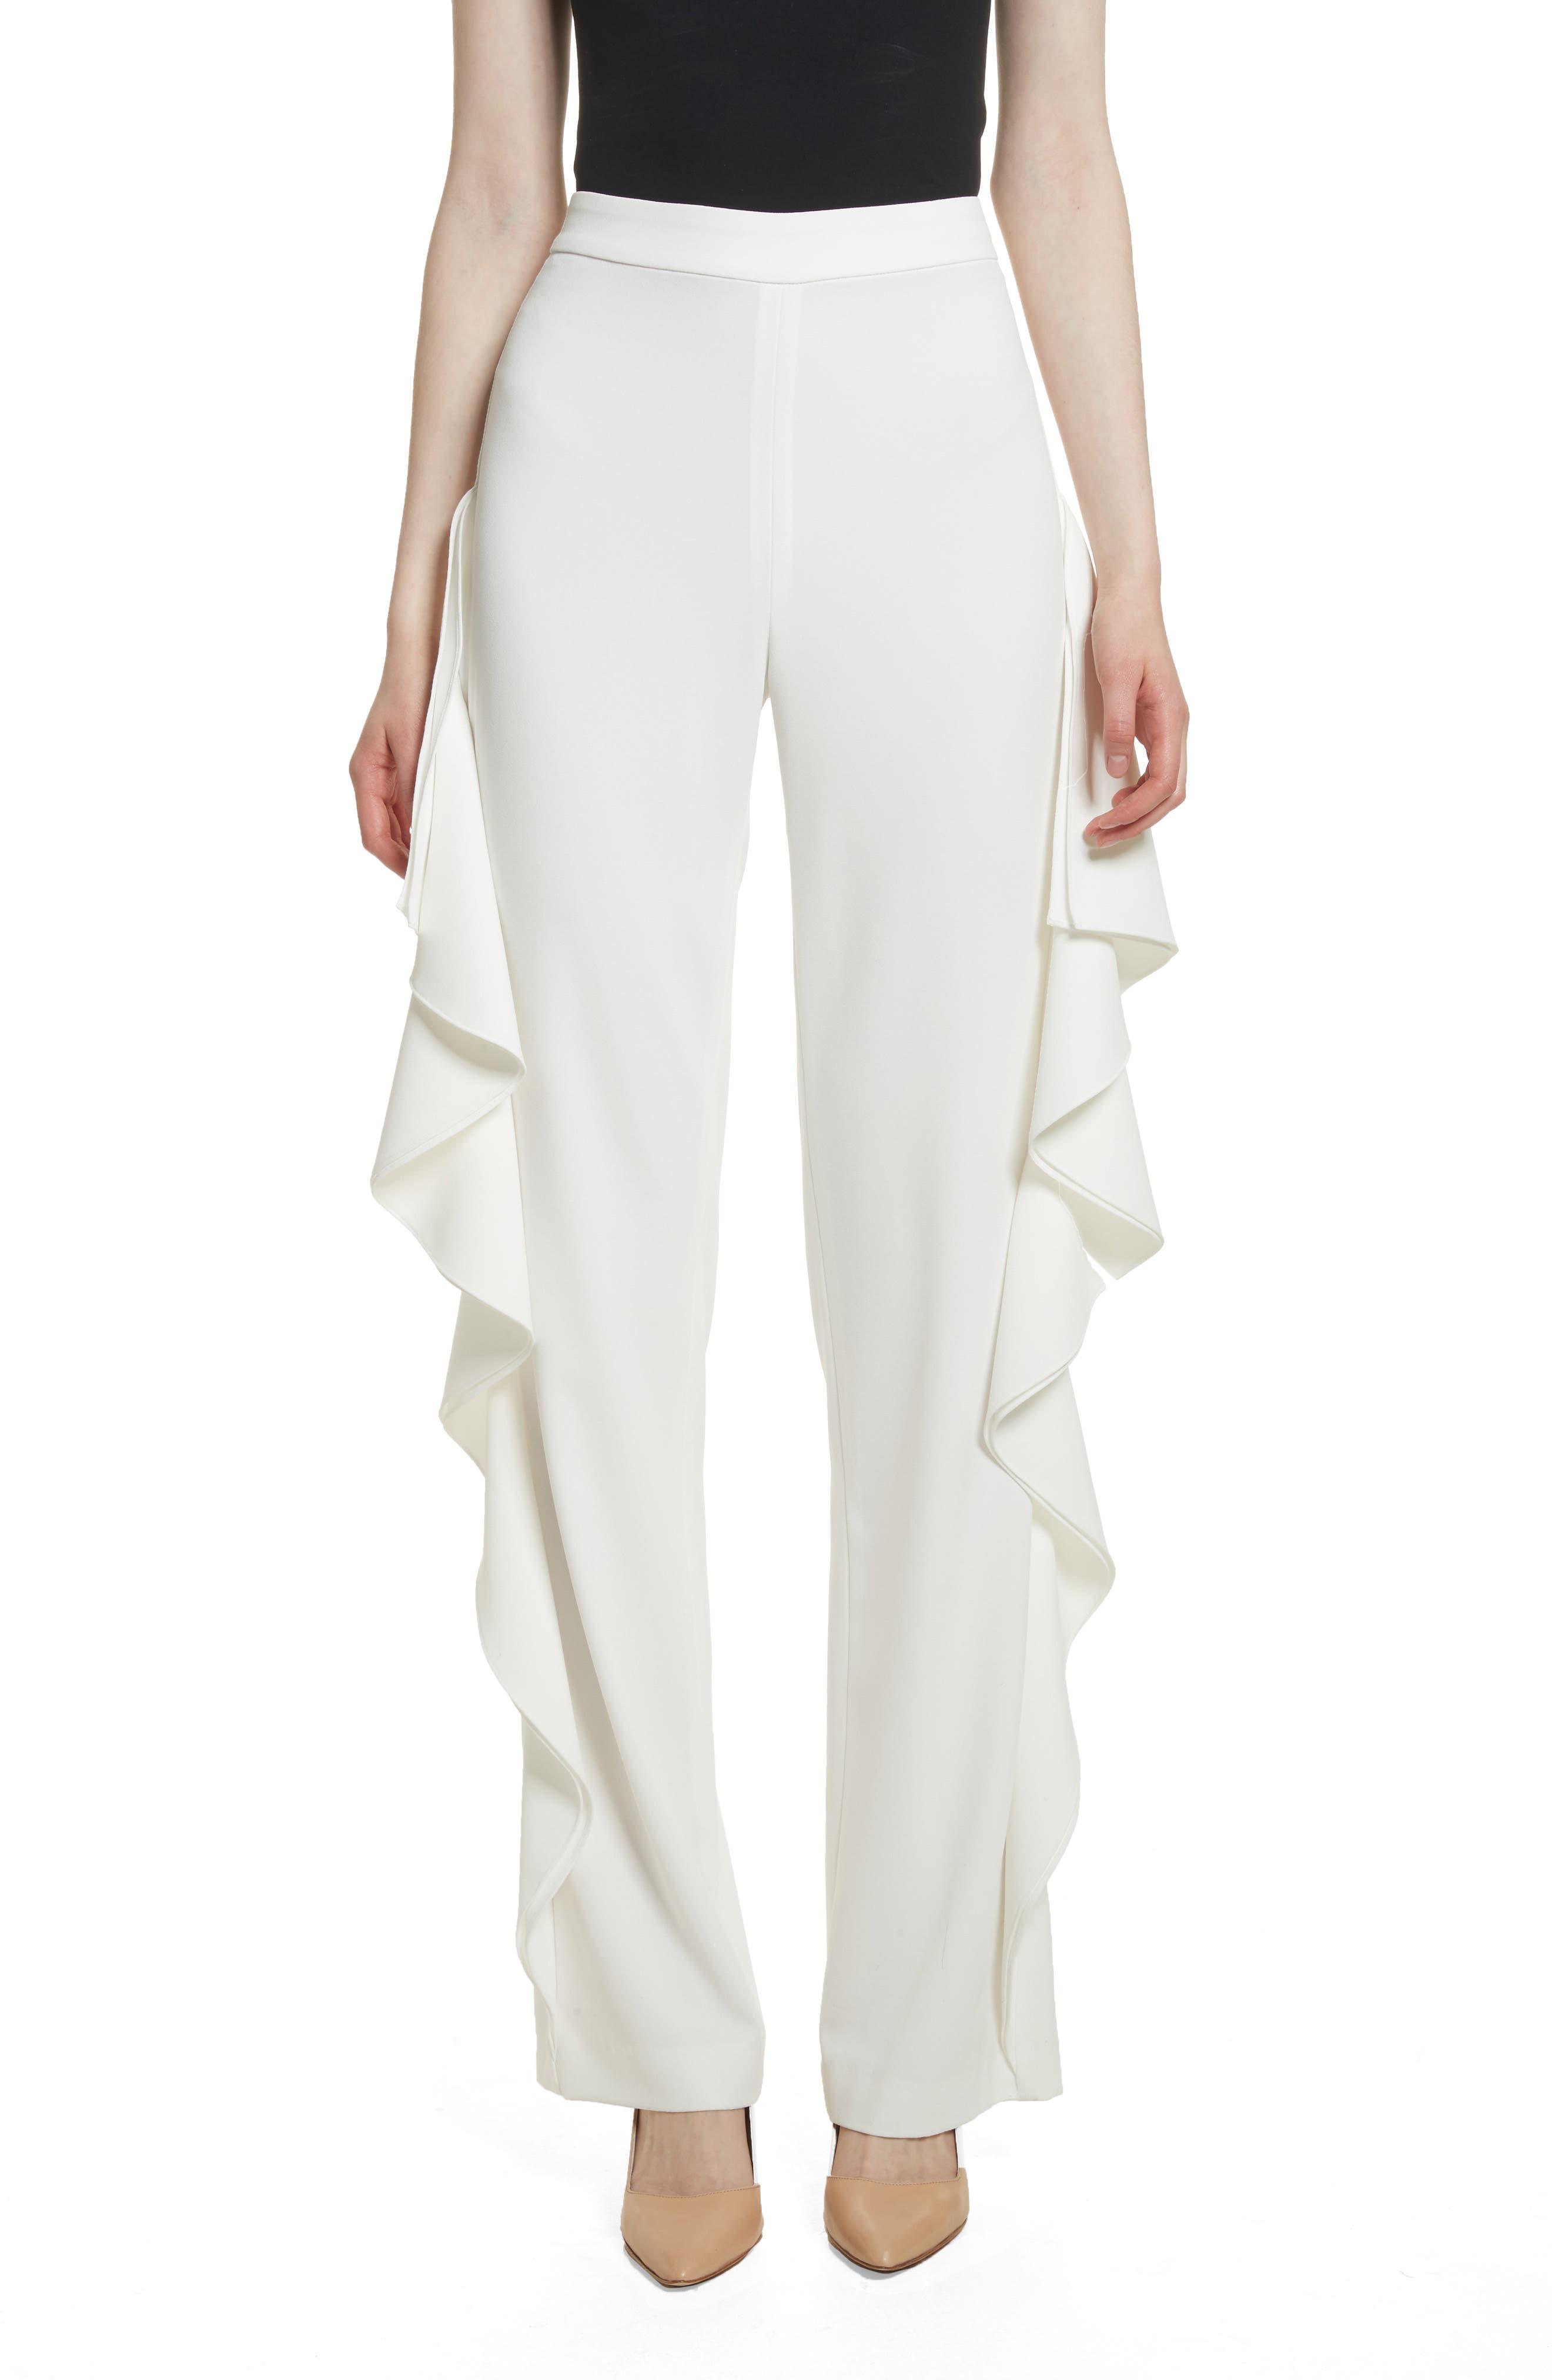 Estell Ruffle Side Pants,                         Main,                         color,